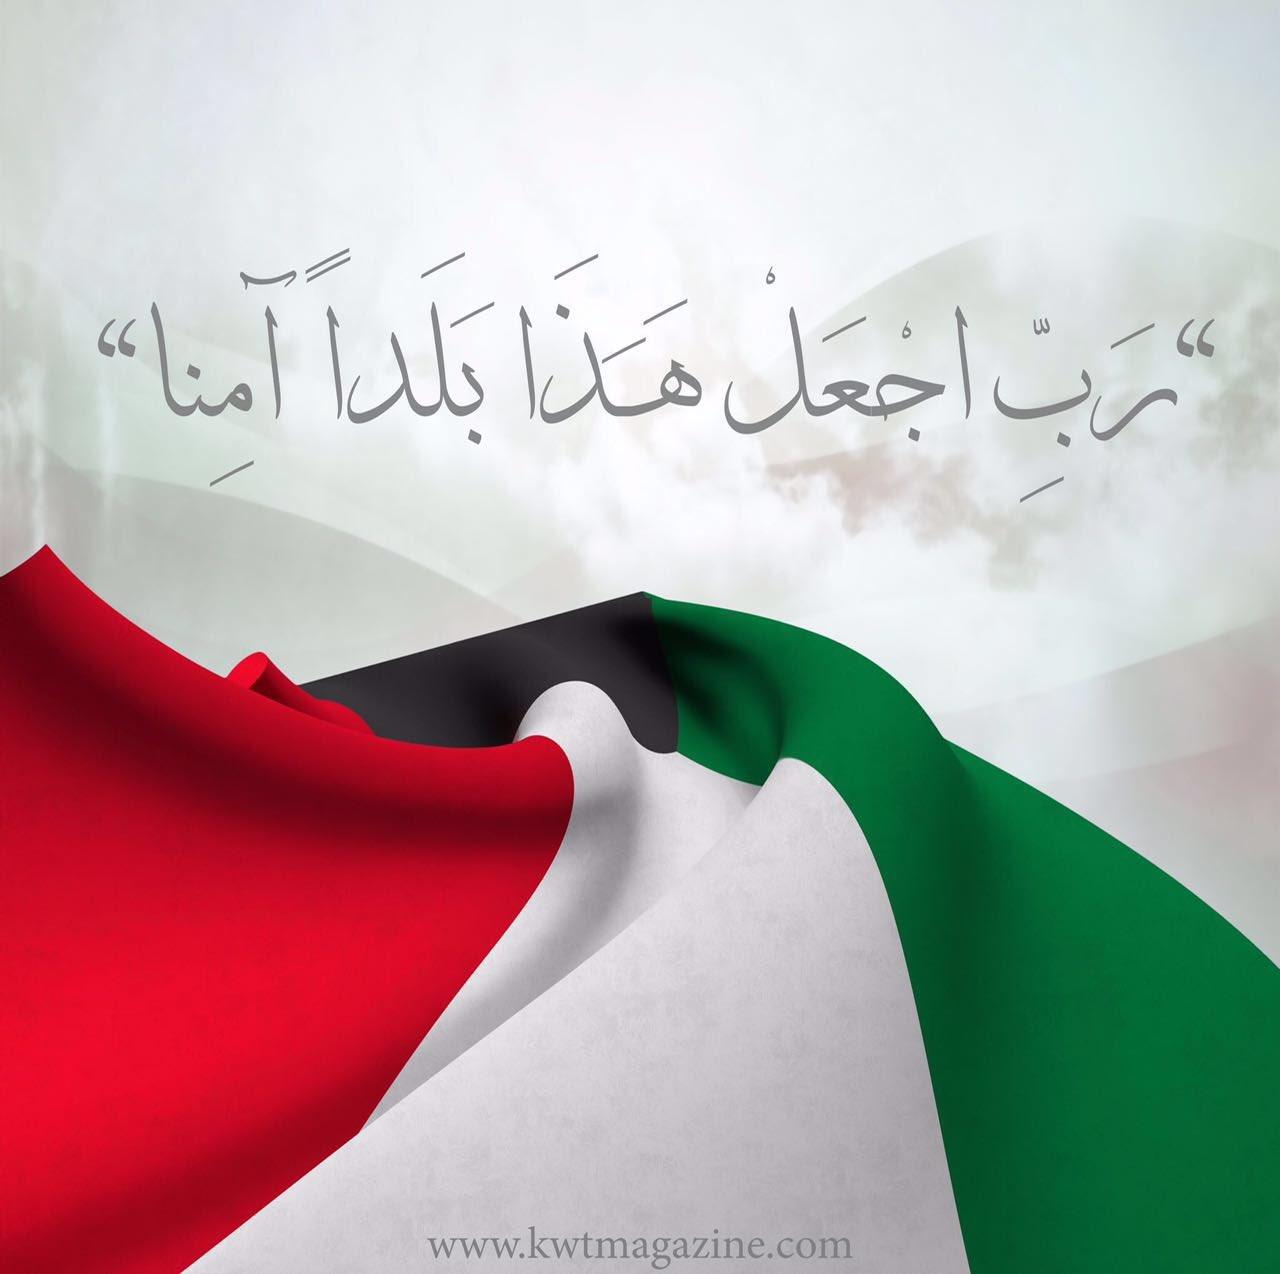 حجي محمود On Twitter رب اجعل هذا البلد آمنا و سائر بلاد المسلمين